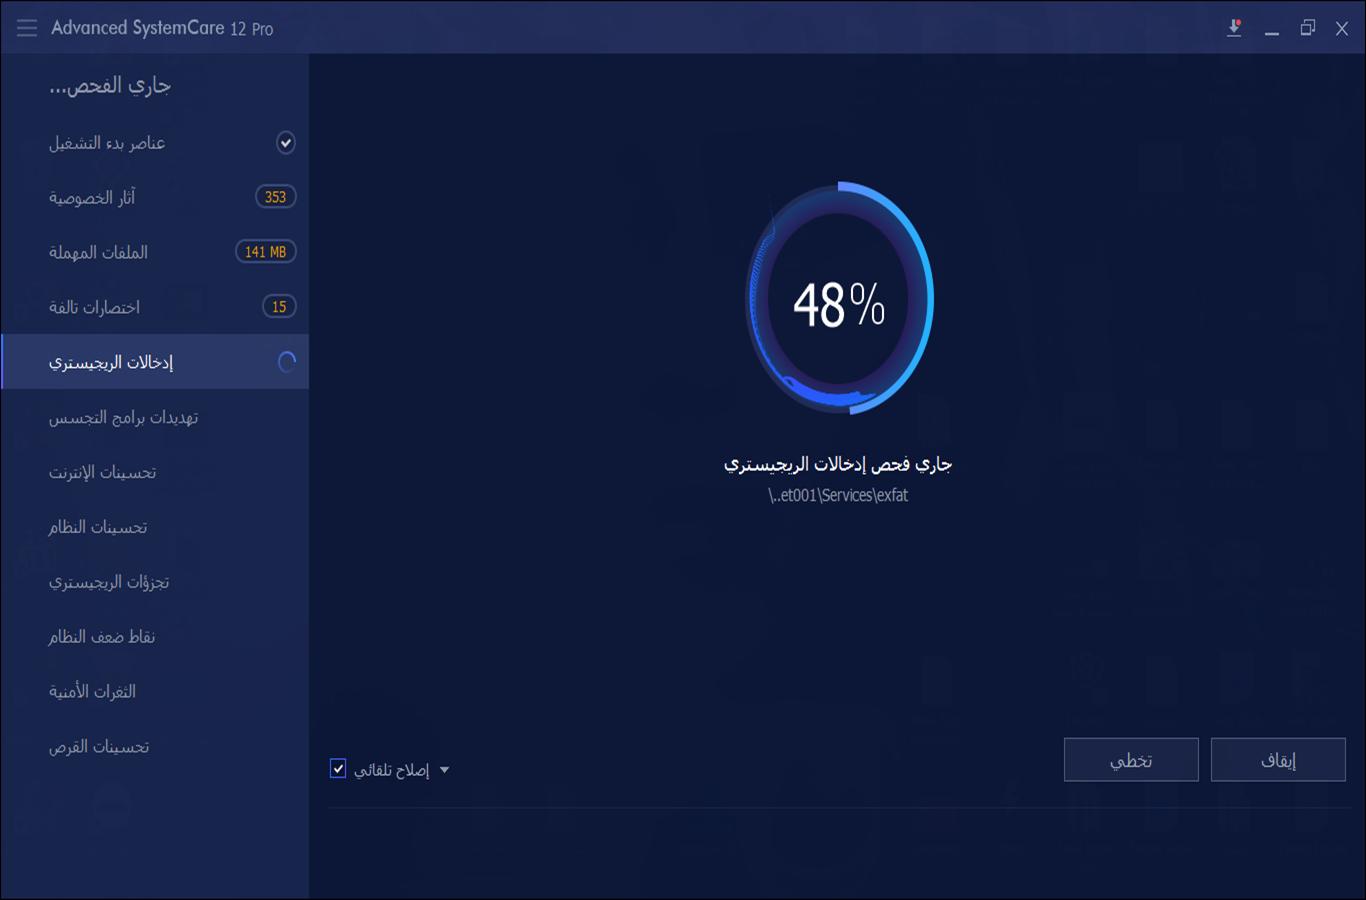 تحميل برنامج تسريع واصلاح وتنظيف مخلفات الويندوز Advanced SystemCare Free